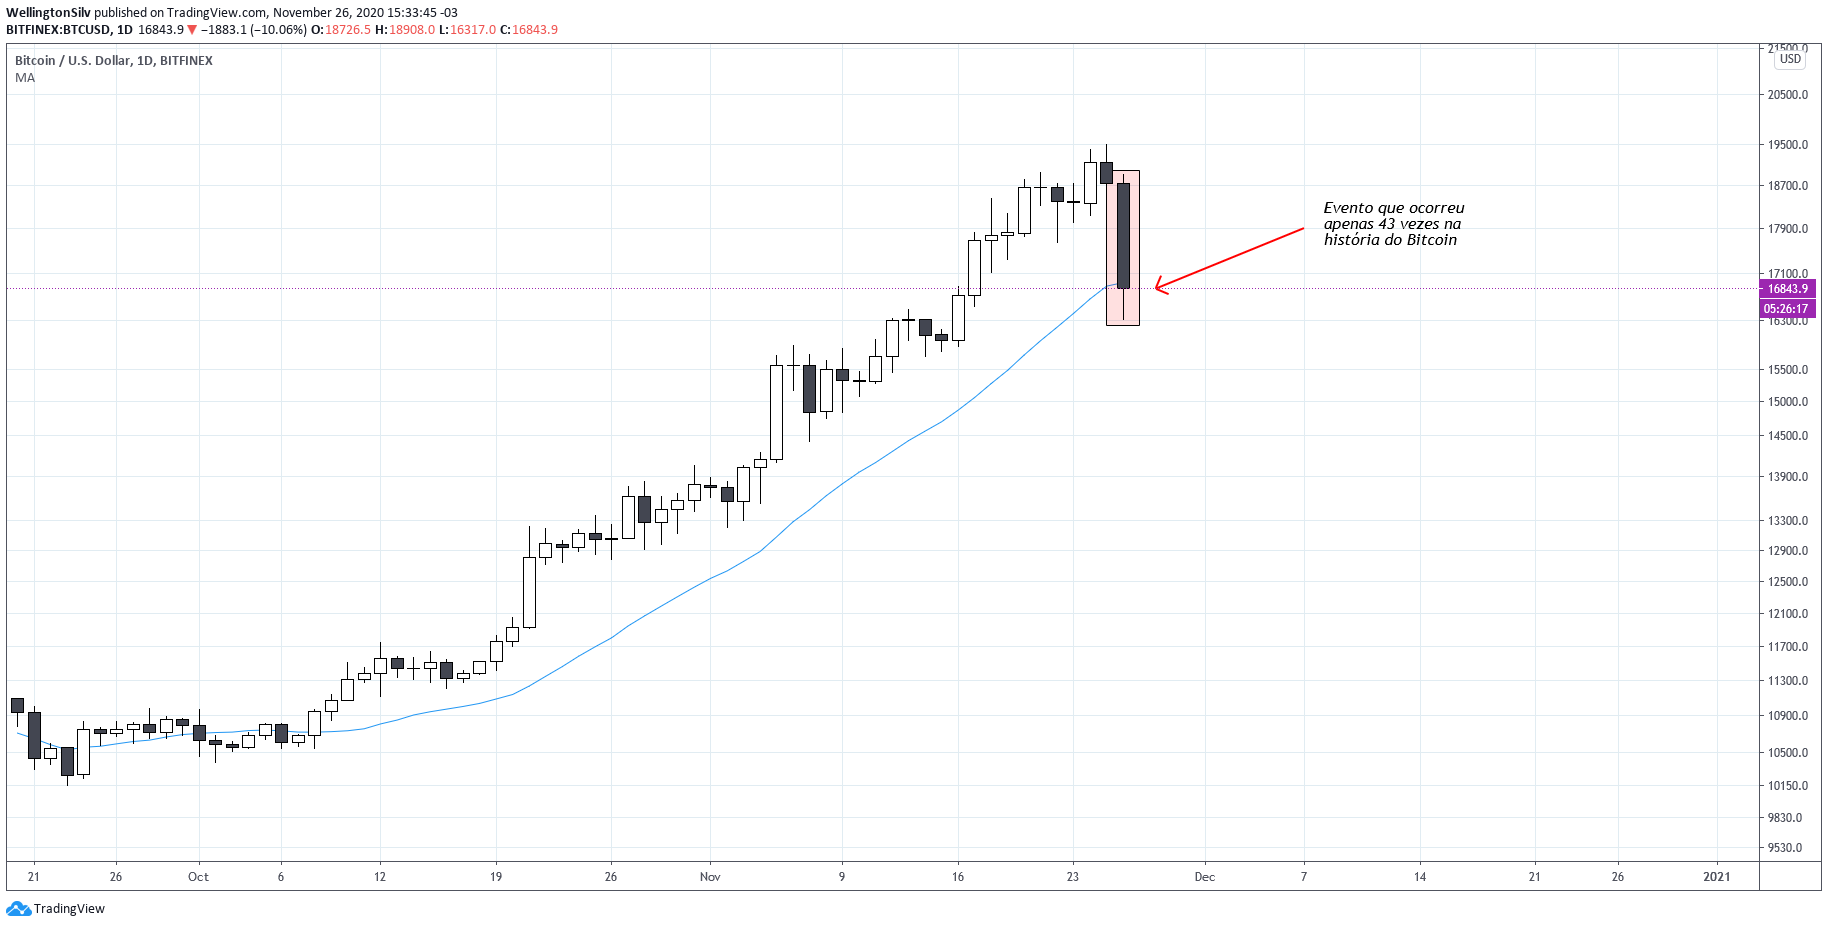 Bitcoin daily chart.